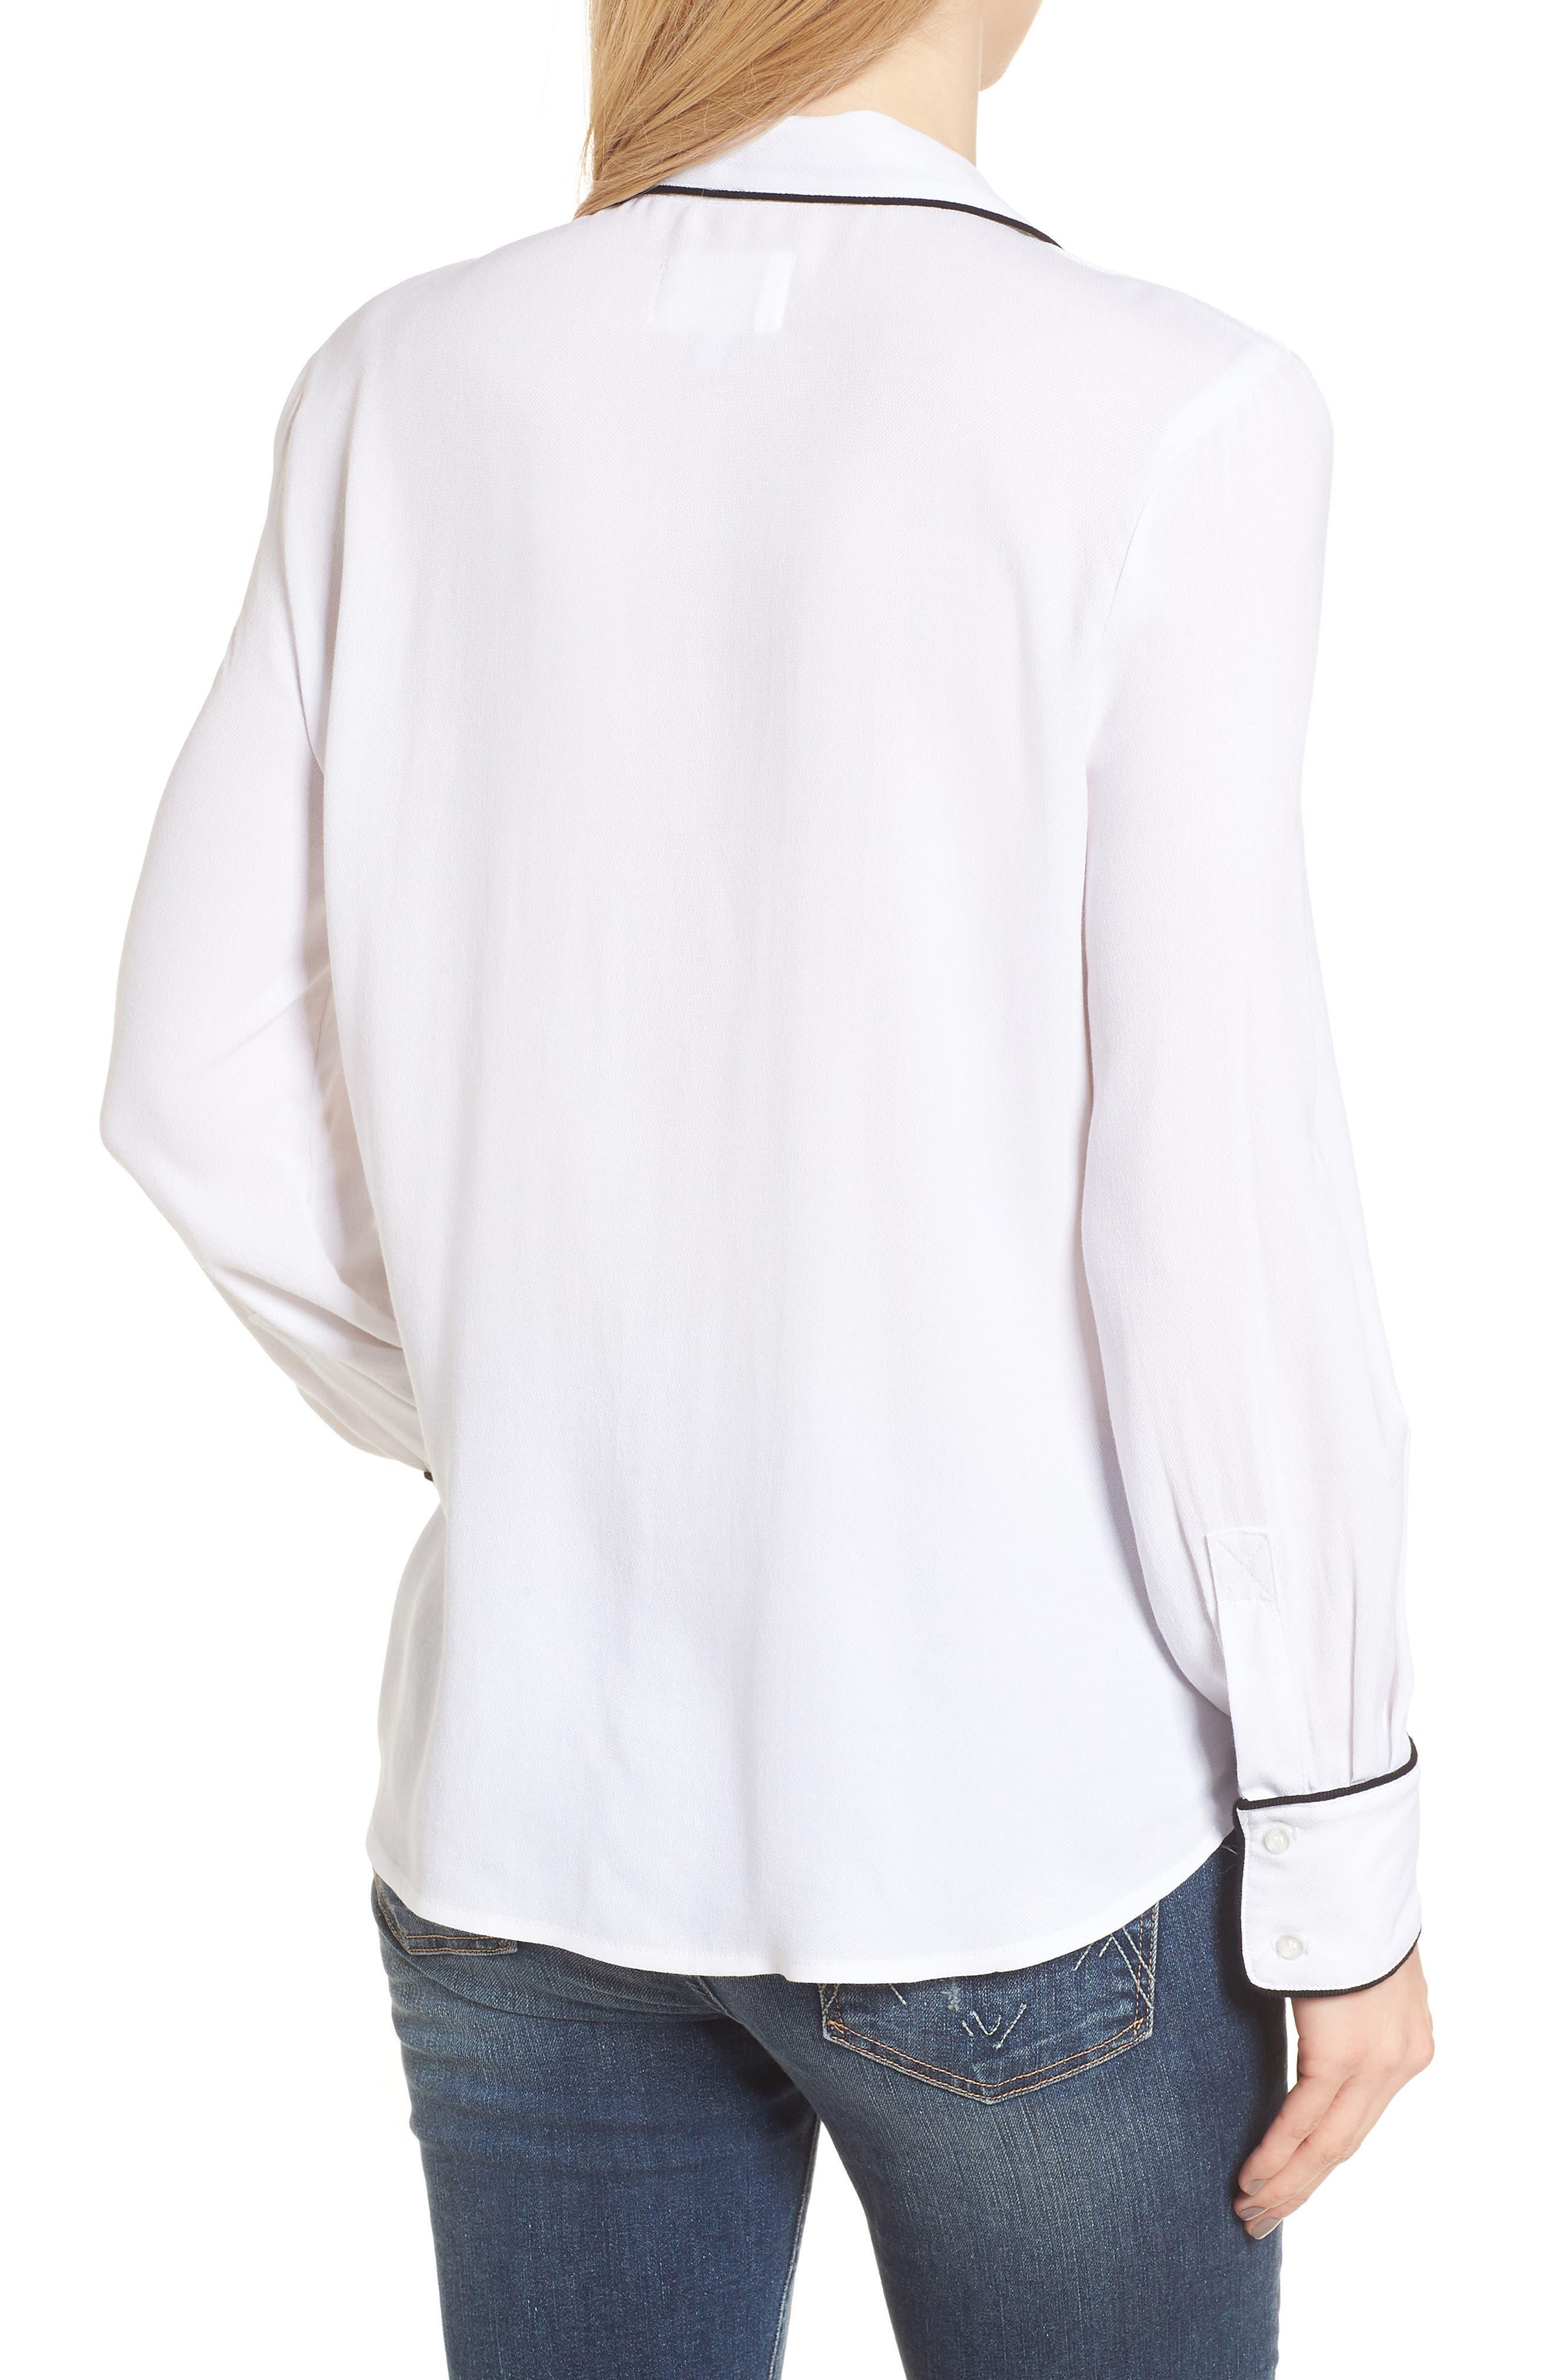 Rossi Pajama Top,                             Alternate thumbnail 2, color,